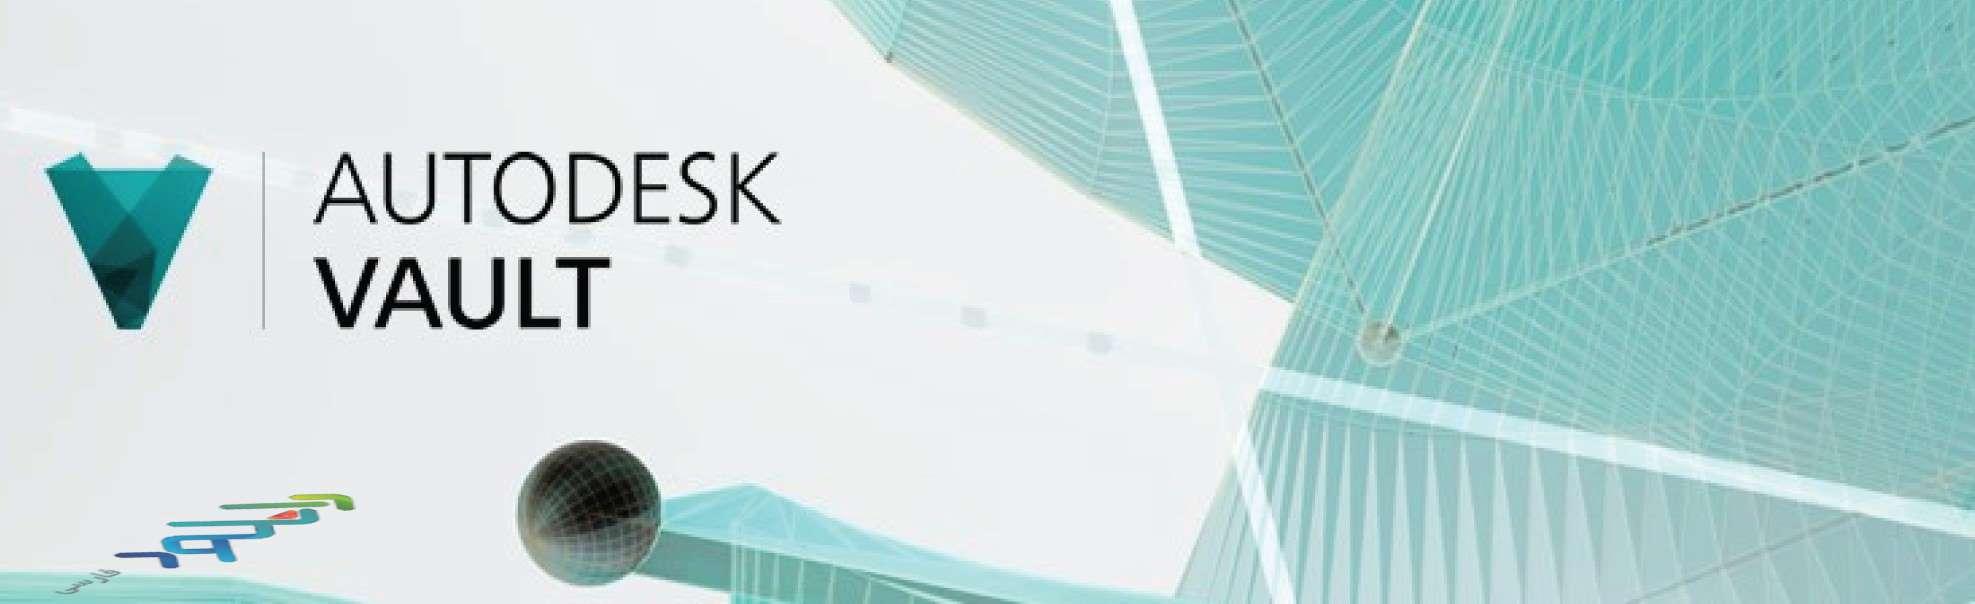 www.download.ir_App_Autodesk Vault center